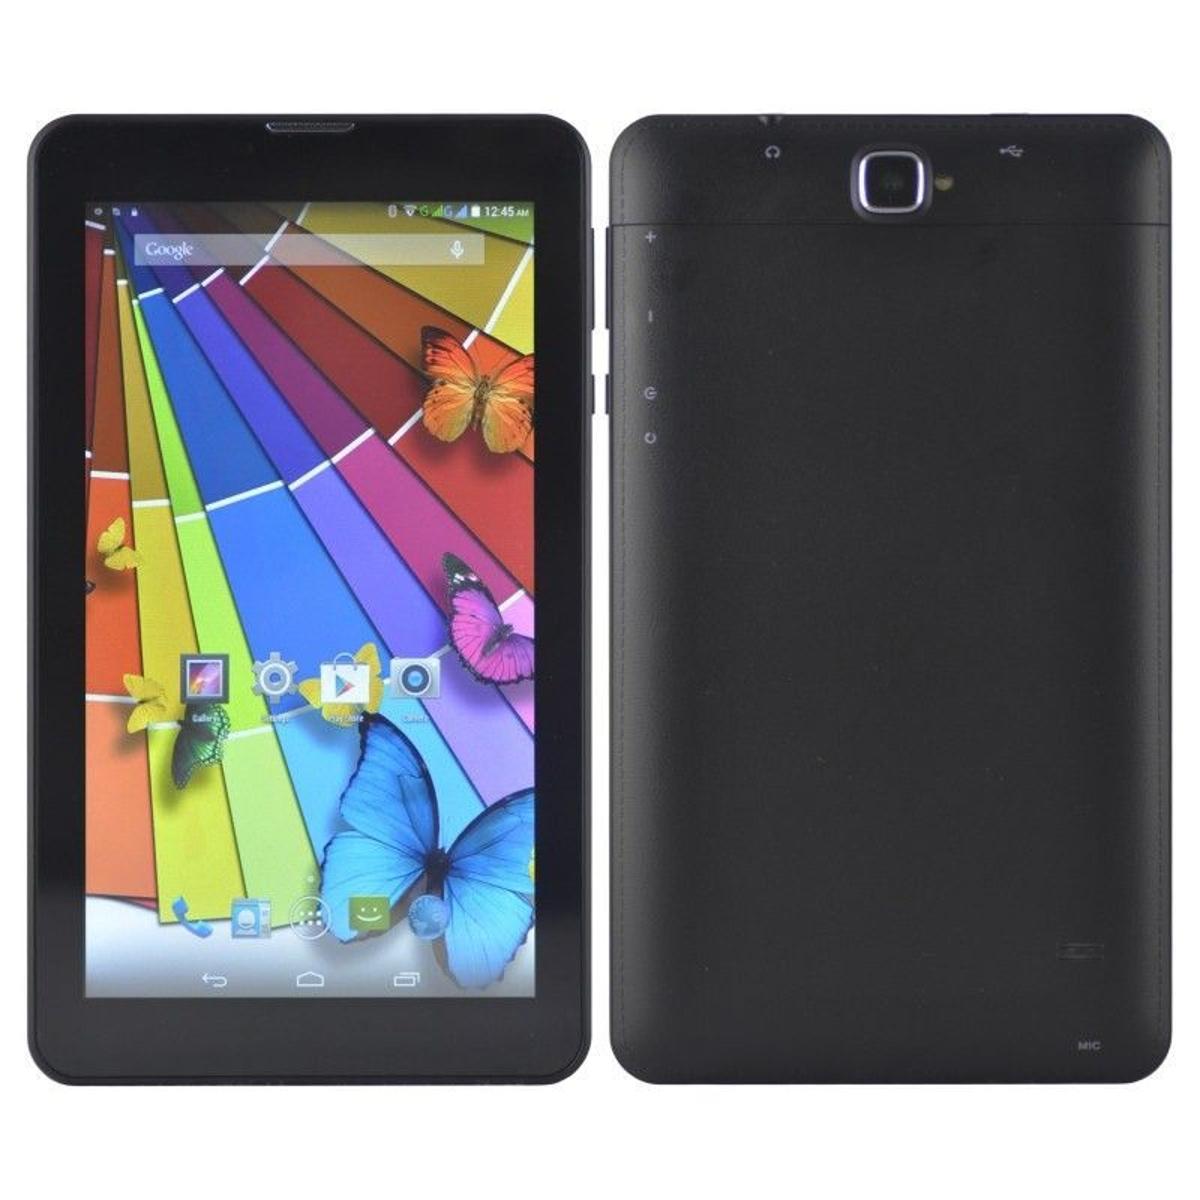 c9f6d996a1dff1 Yonis Tablette tactile 3G Quad Core 7 pouces Dual SIM Android 4.4 Noir 40Go